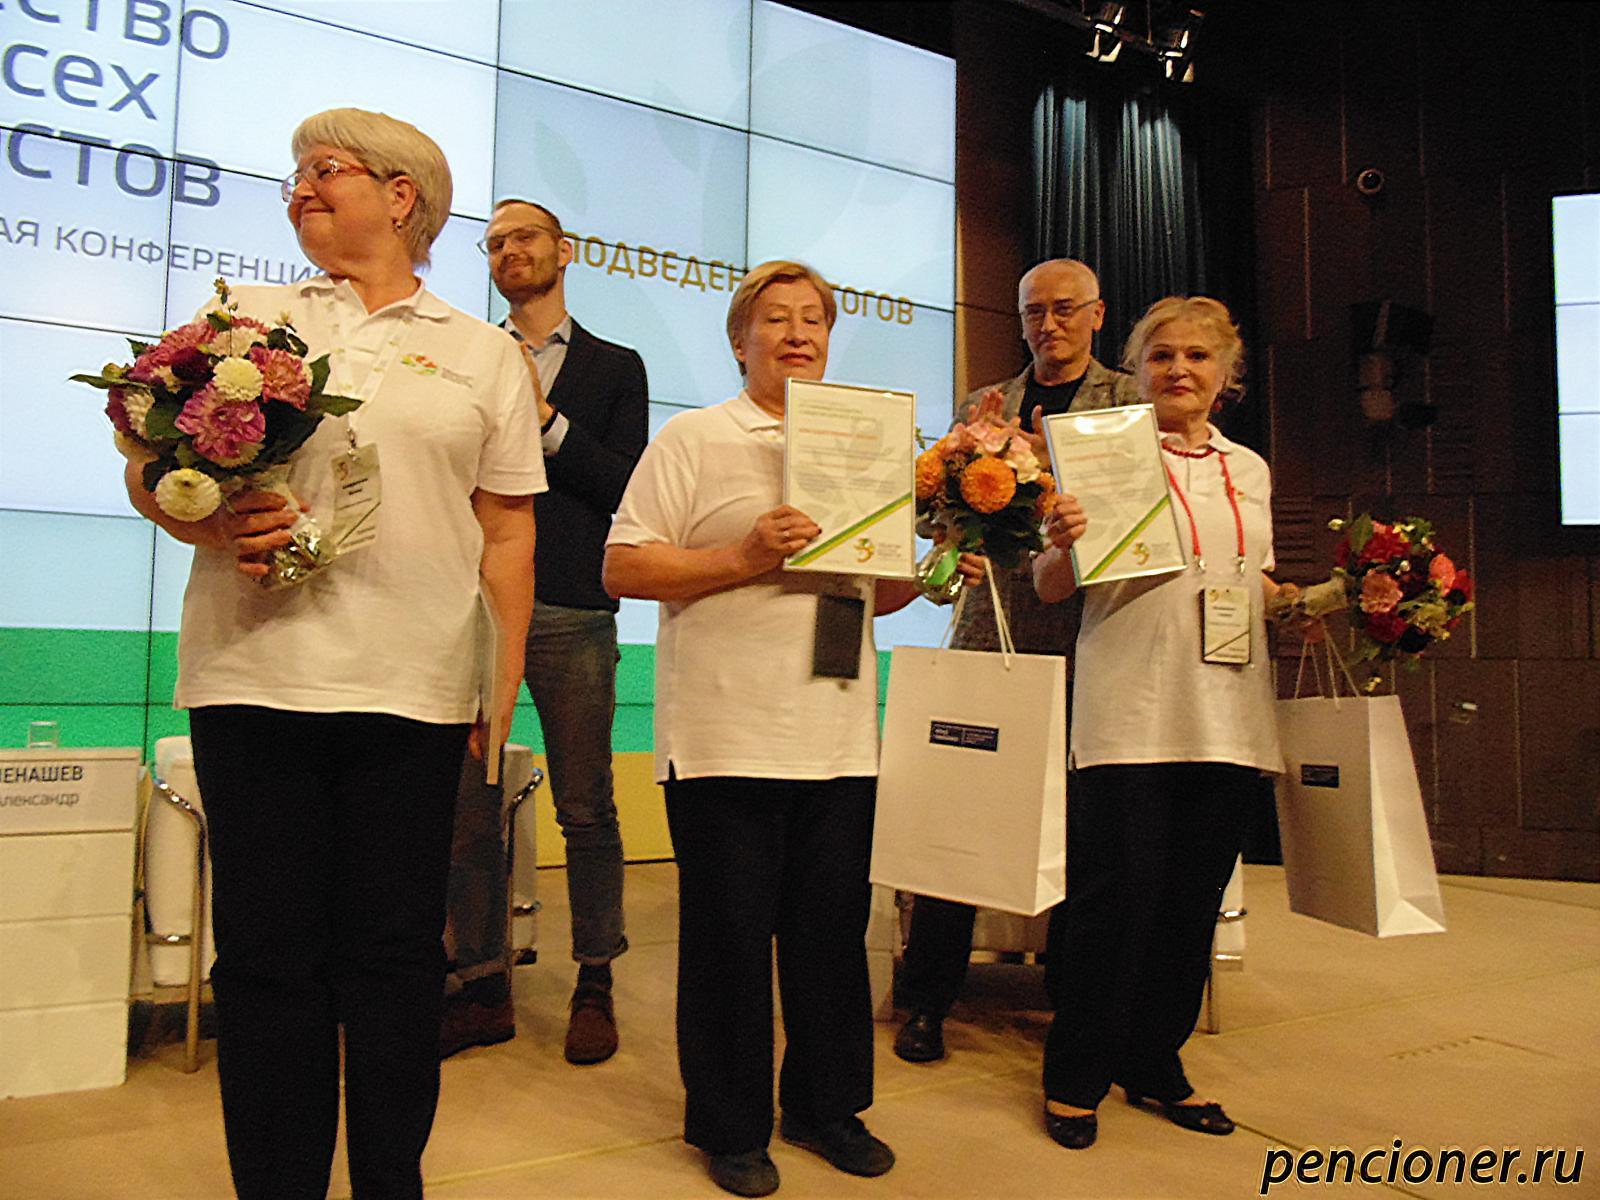 Новый пенсионер: Пик жизни - 67 лет